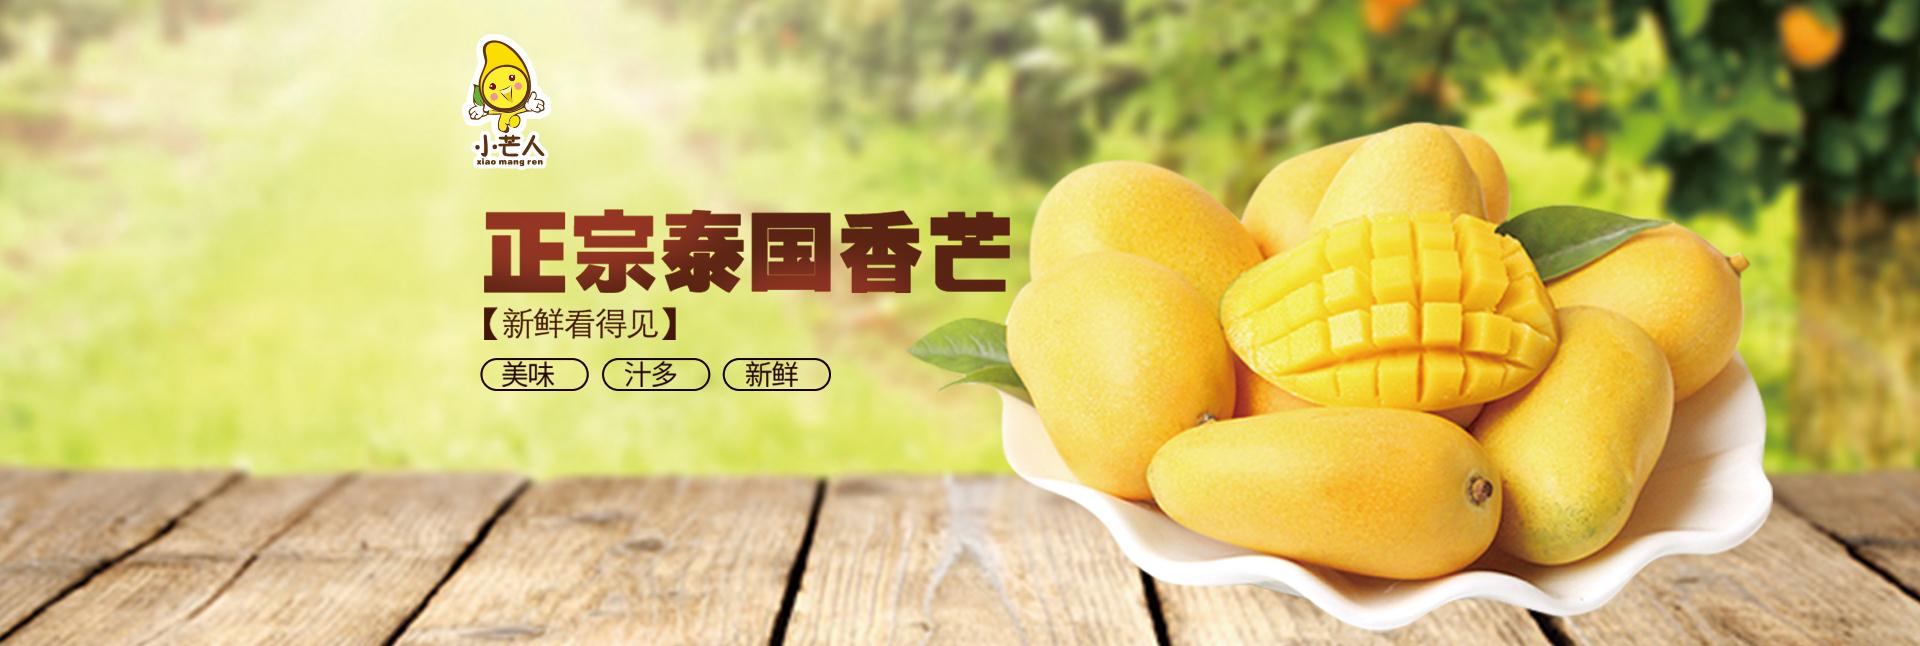 开甜品店创业策划书_人气甜品店3-5天开业!